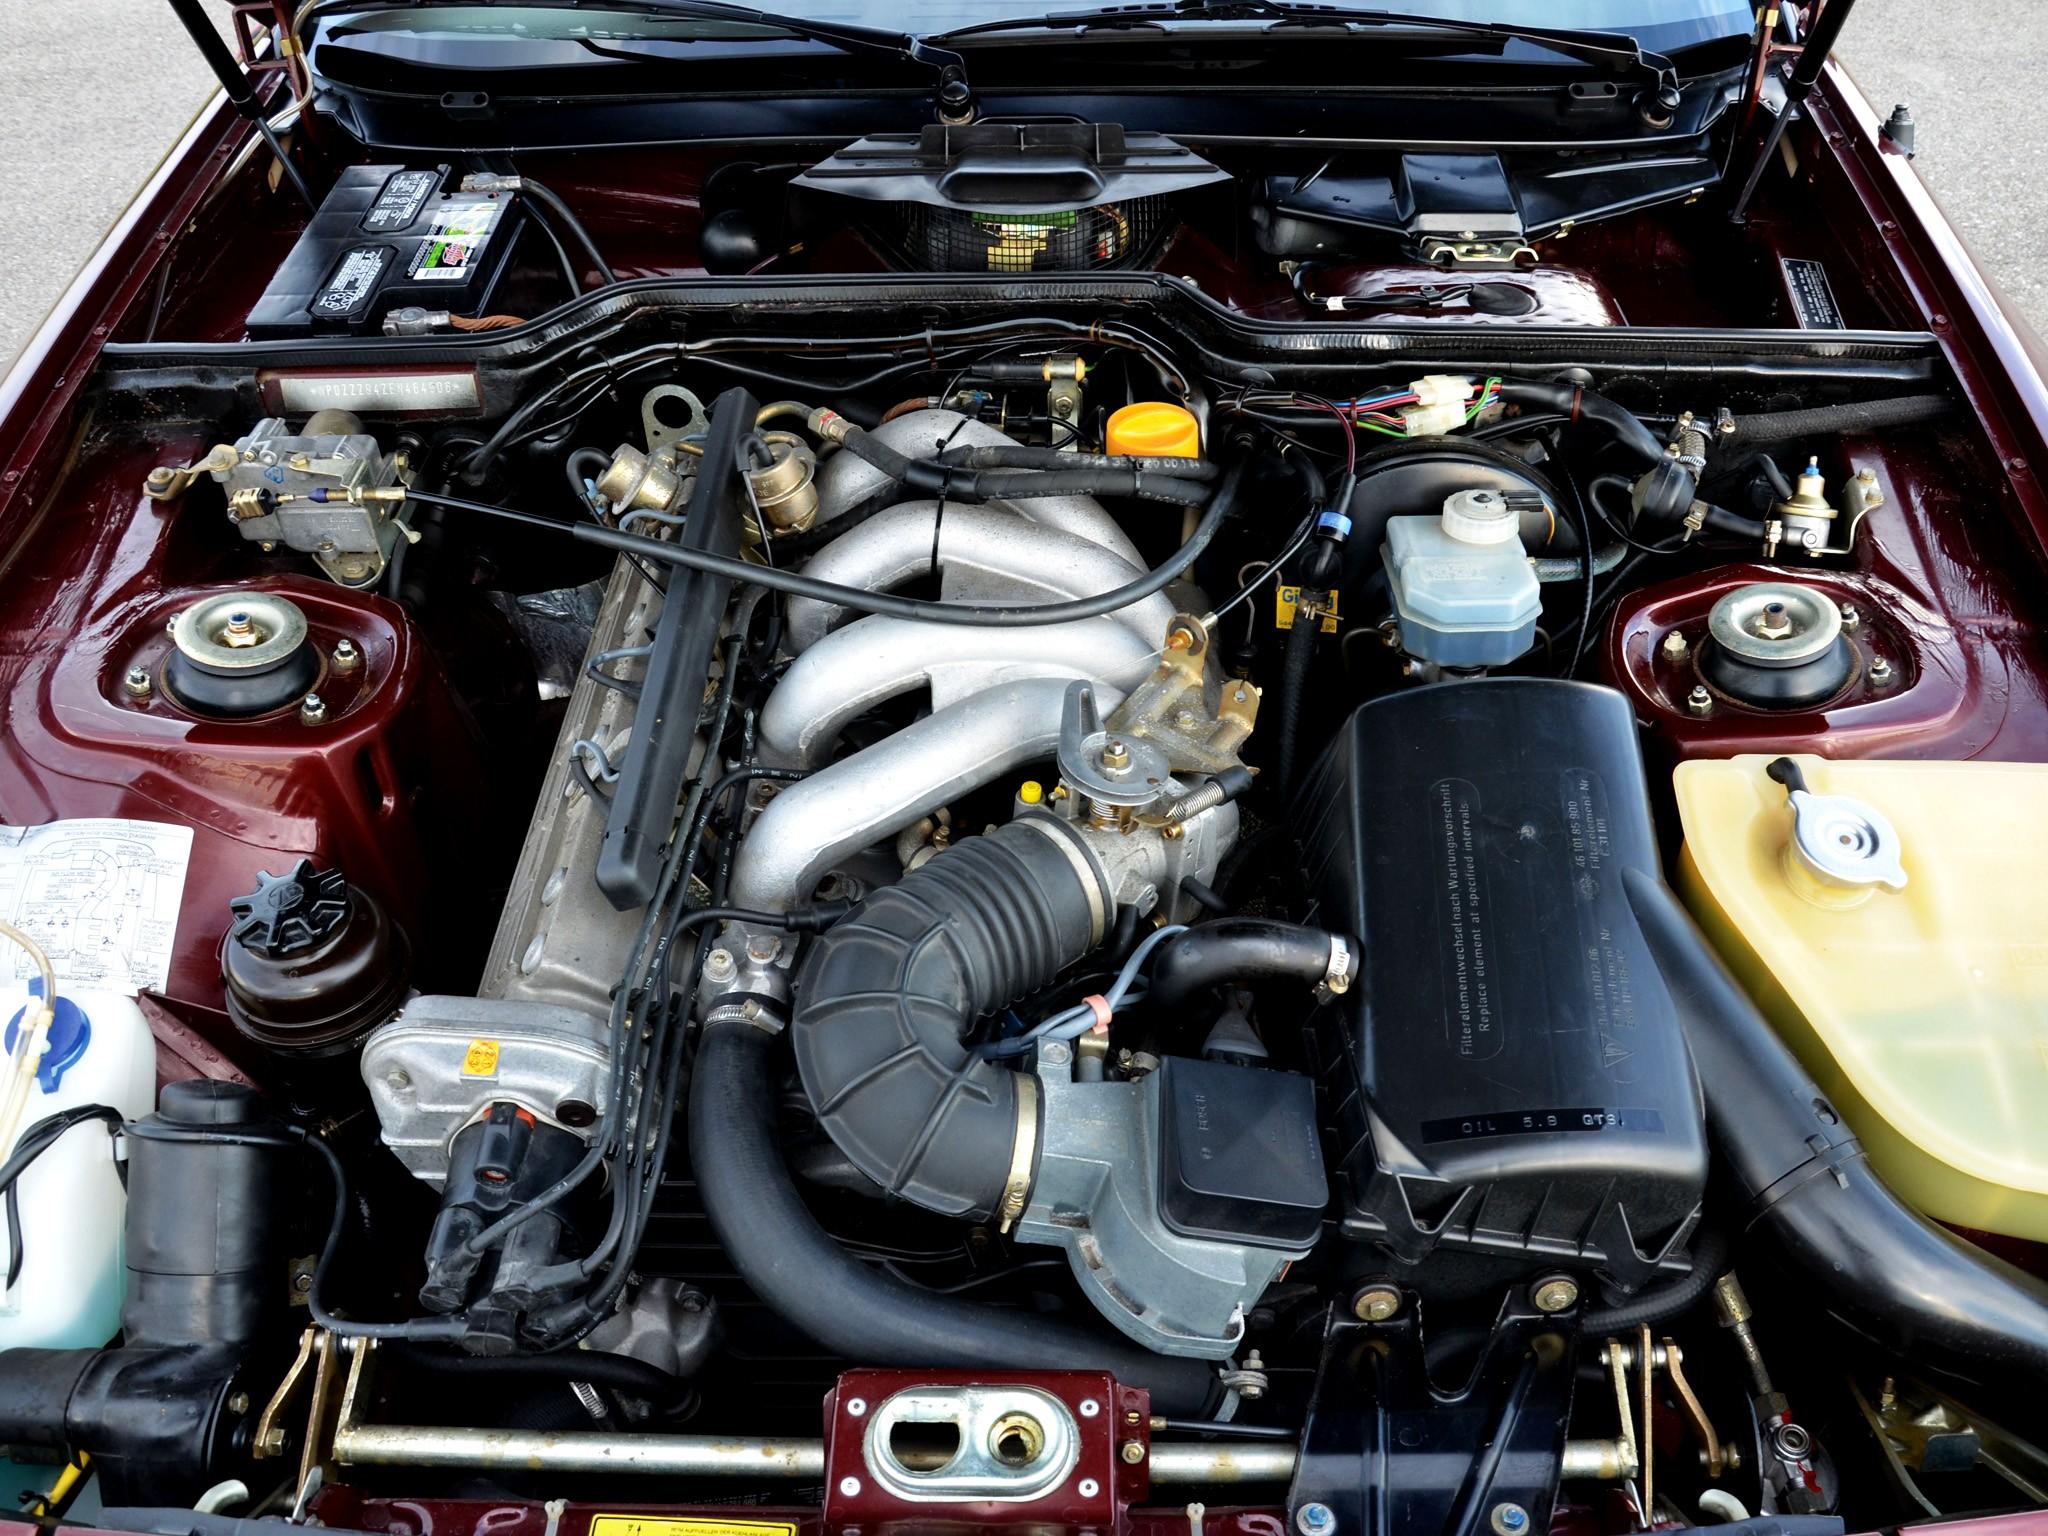 Porsche 944 specs 1981 1982 1983 1984 1985 1986 1987 1988 porsche 944 1981 1990 vanachro Choice Image